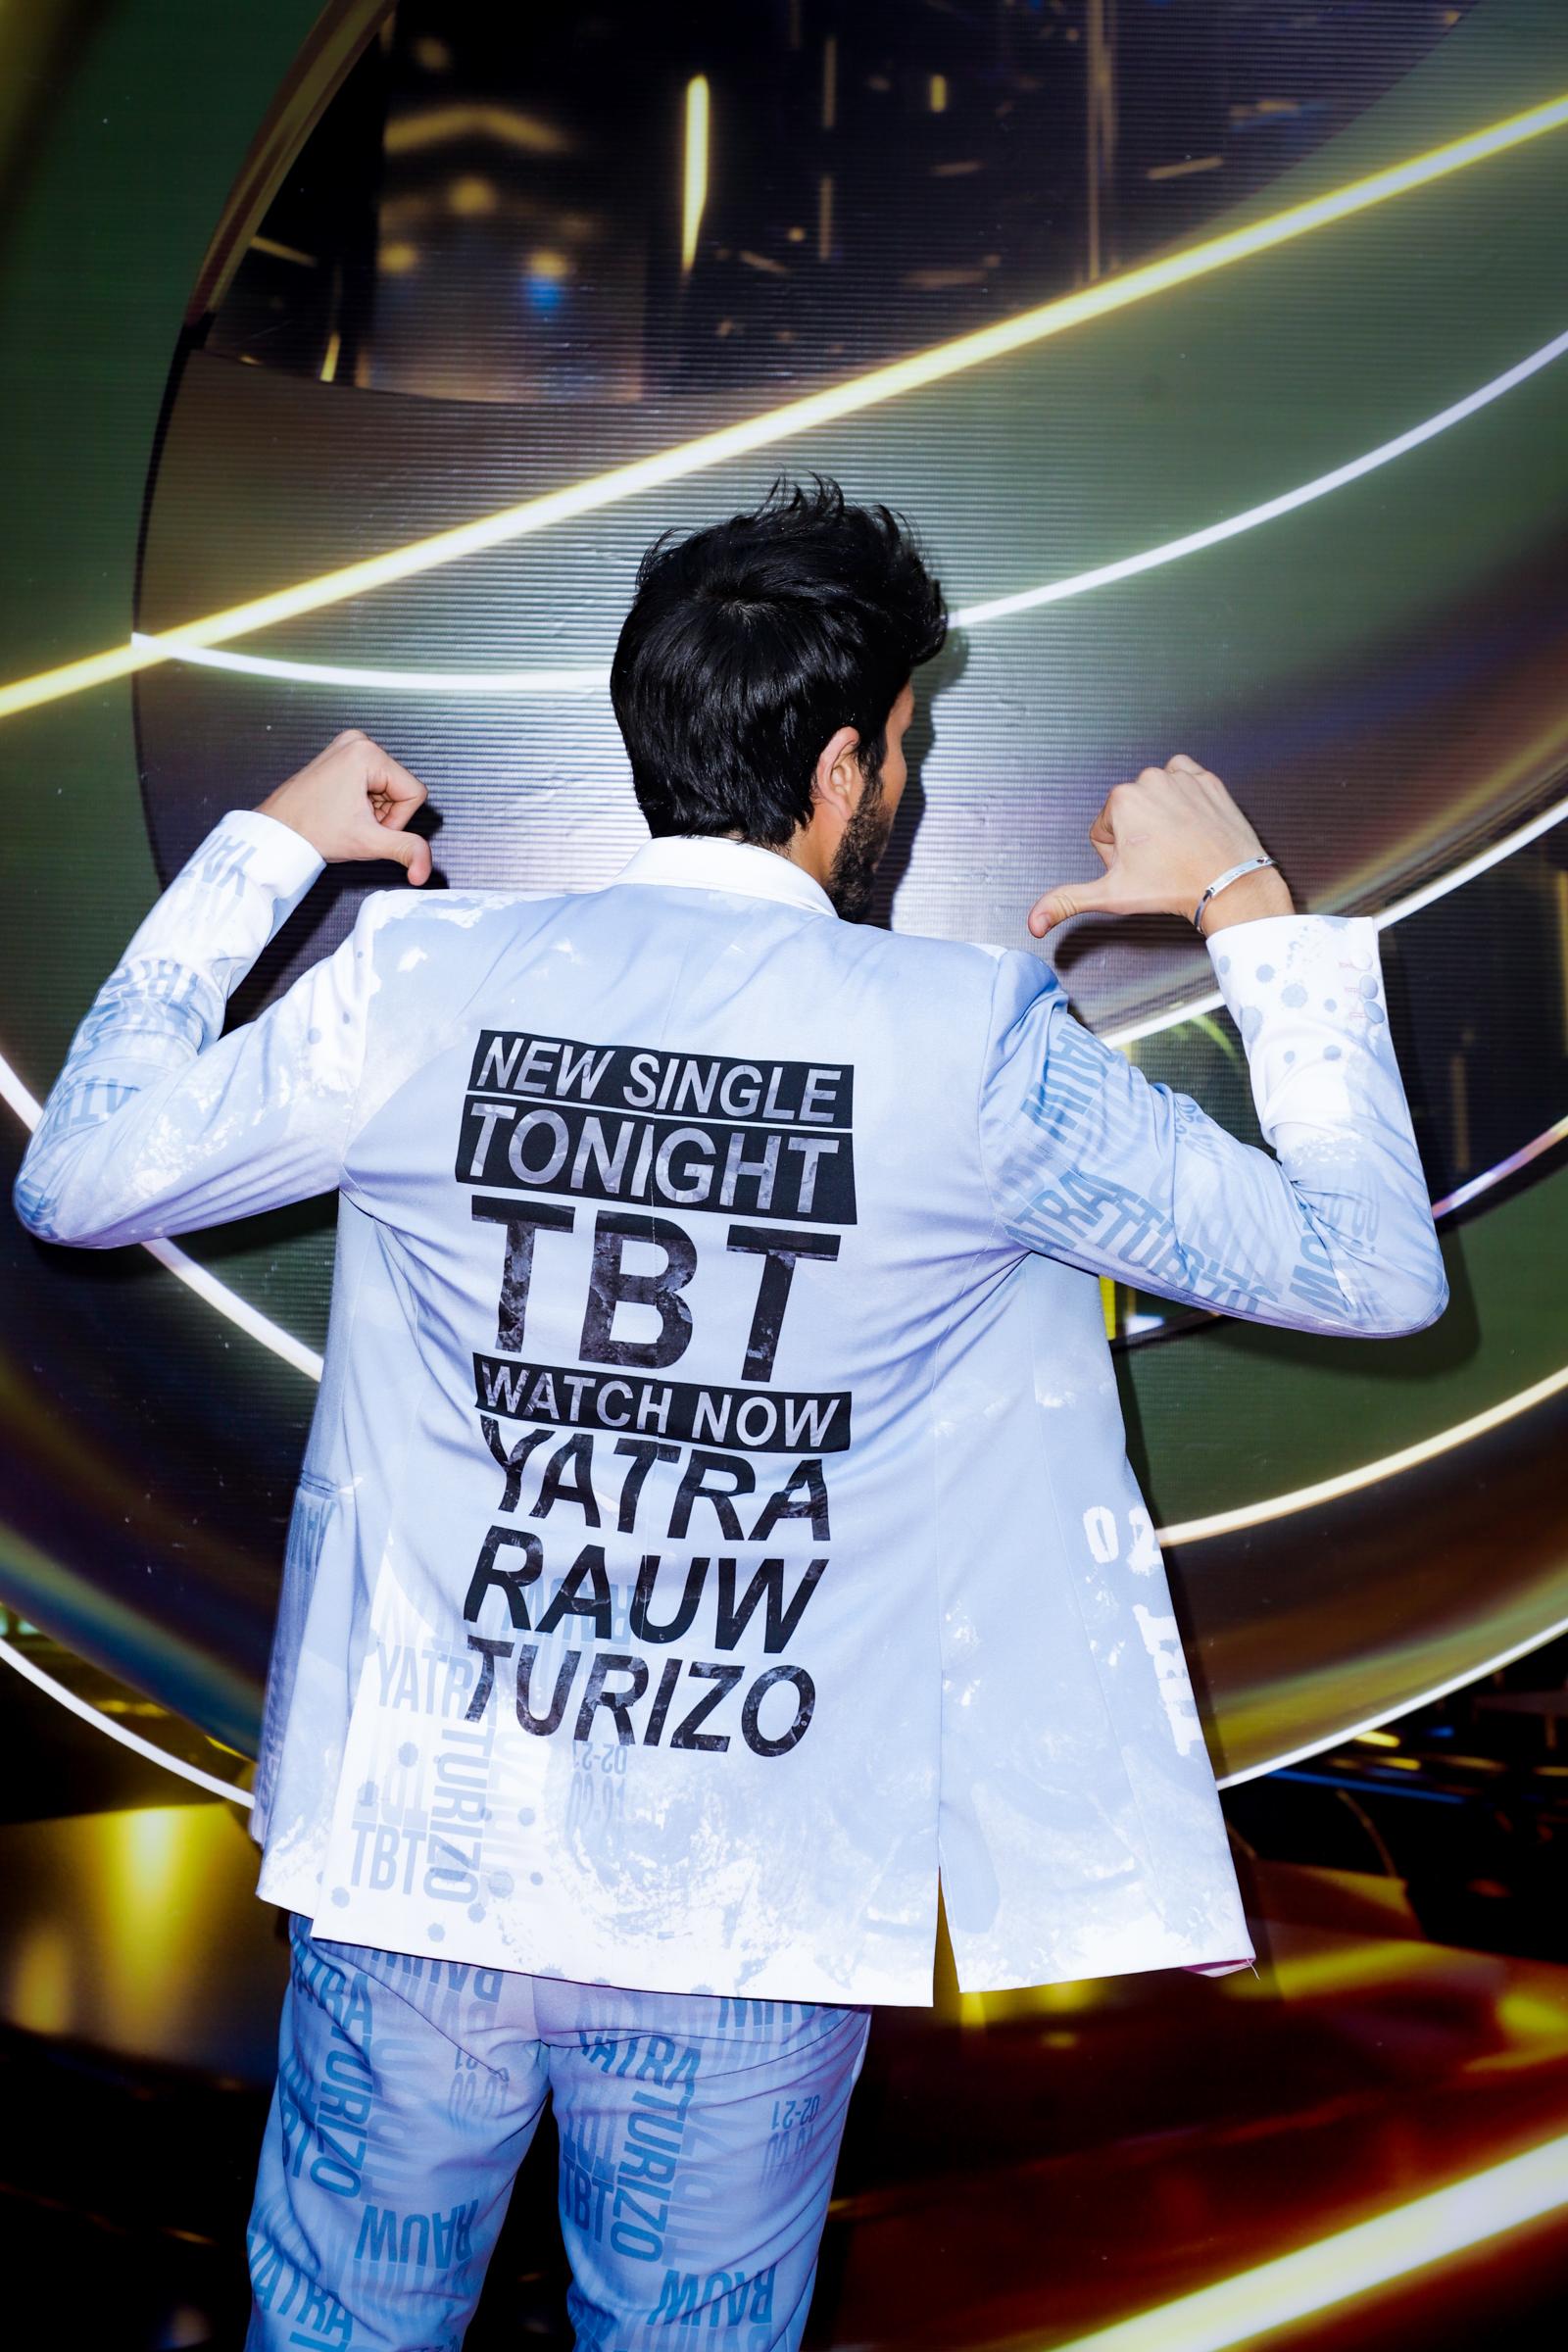 Yatra utilizó la parte posterior de la chaqueta para anunciar que esa noche estrenaría una canción con Rauw Alejandro y Manuel Turizo. (Suministradas)